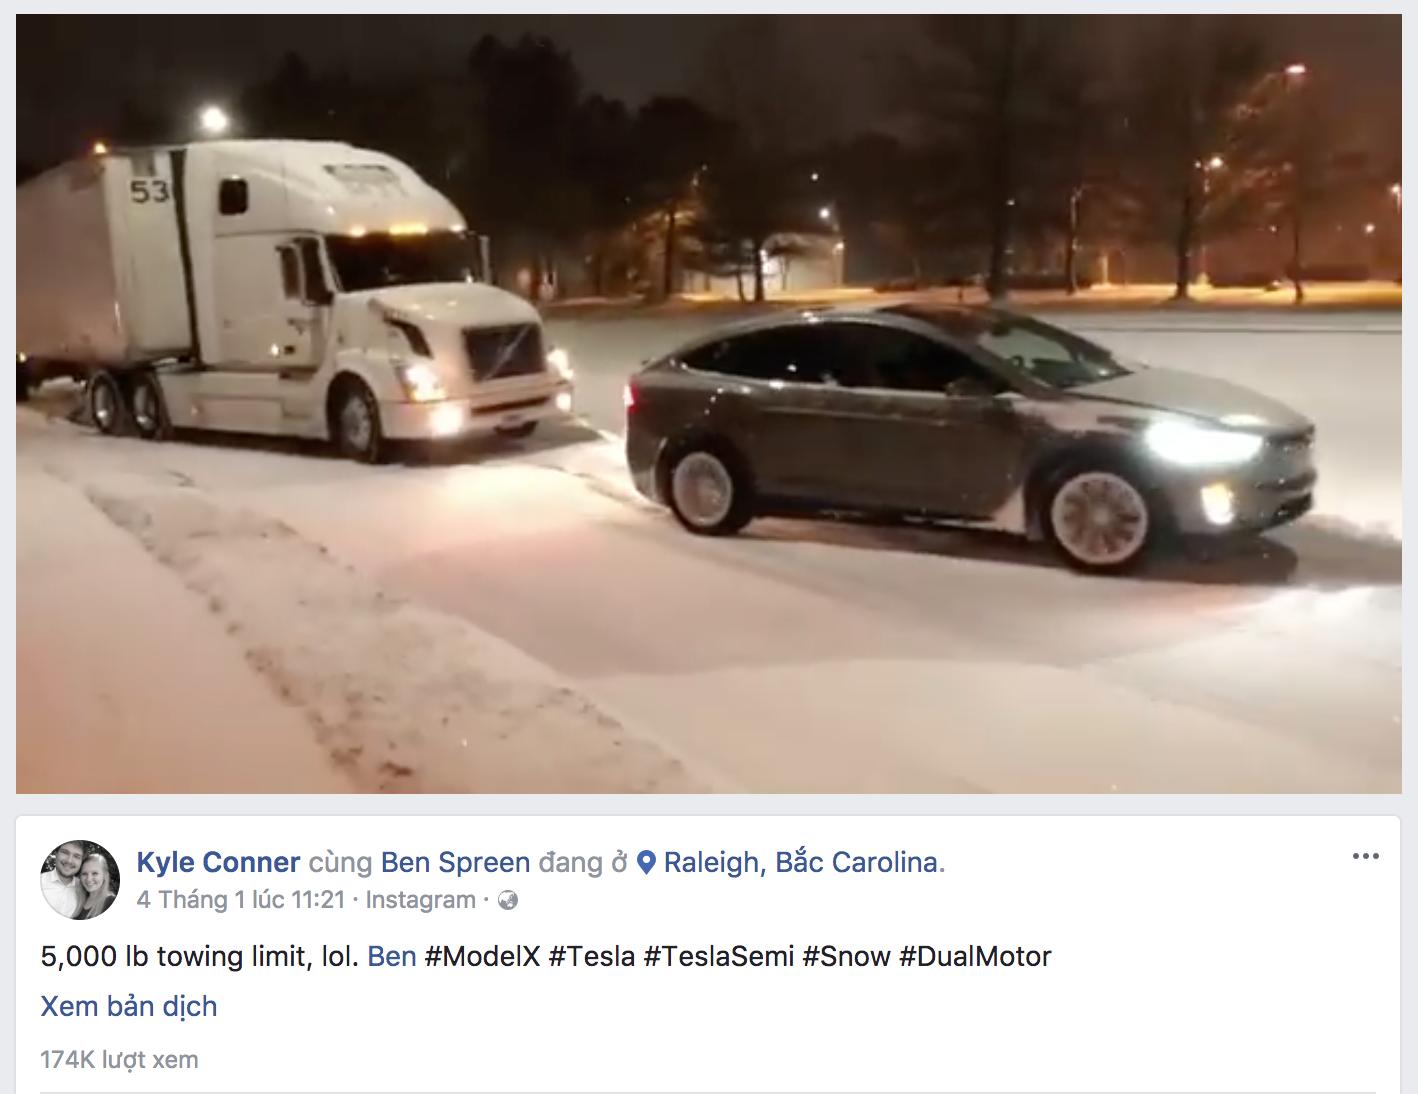 Xe điện Tesla lôi xe container lên dốc giữa trời mưa tuyết khiến cộng đồng mạng bất ngờ - Ảnh 1.